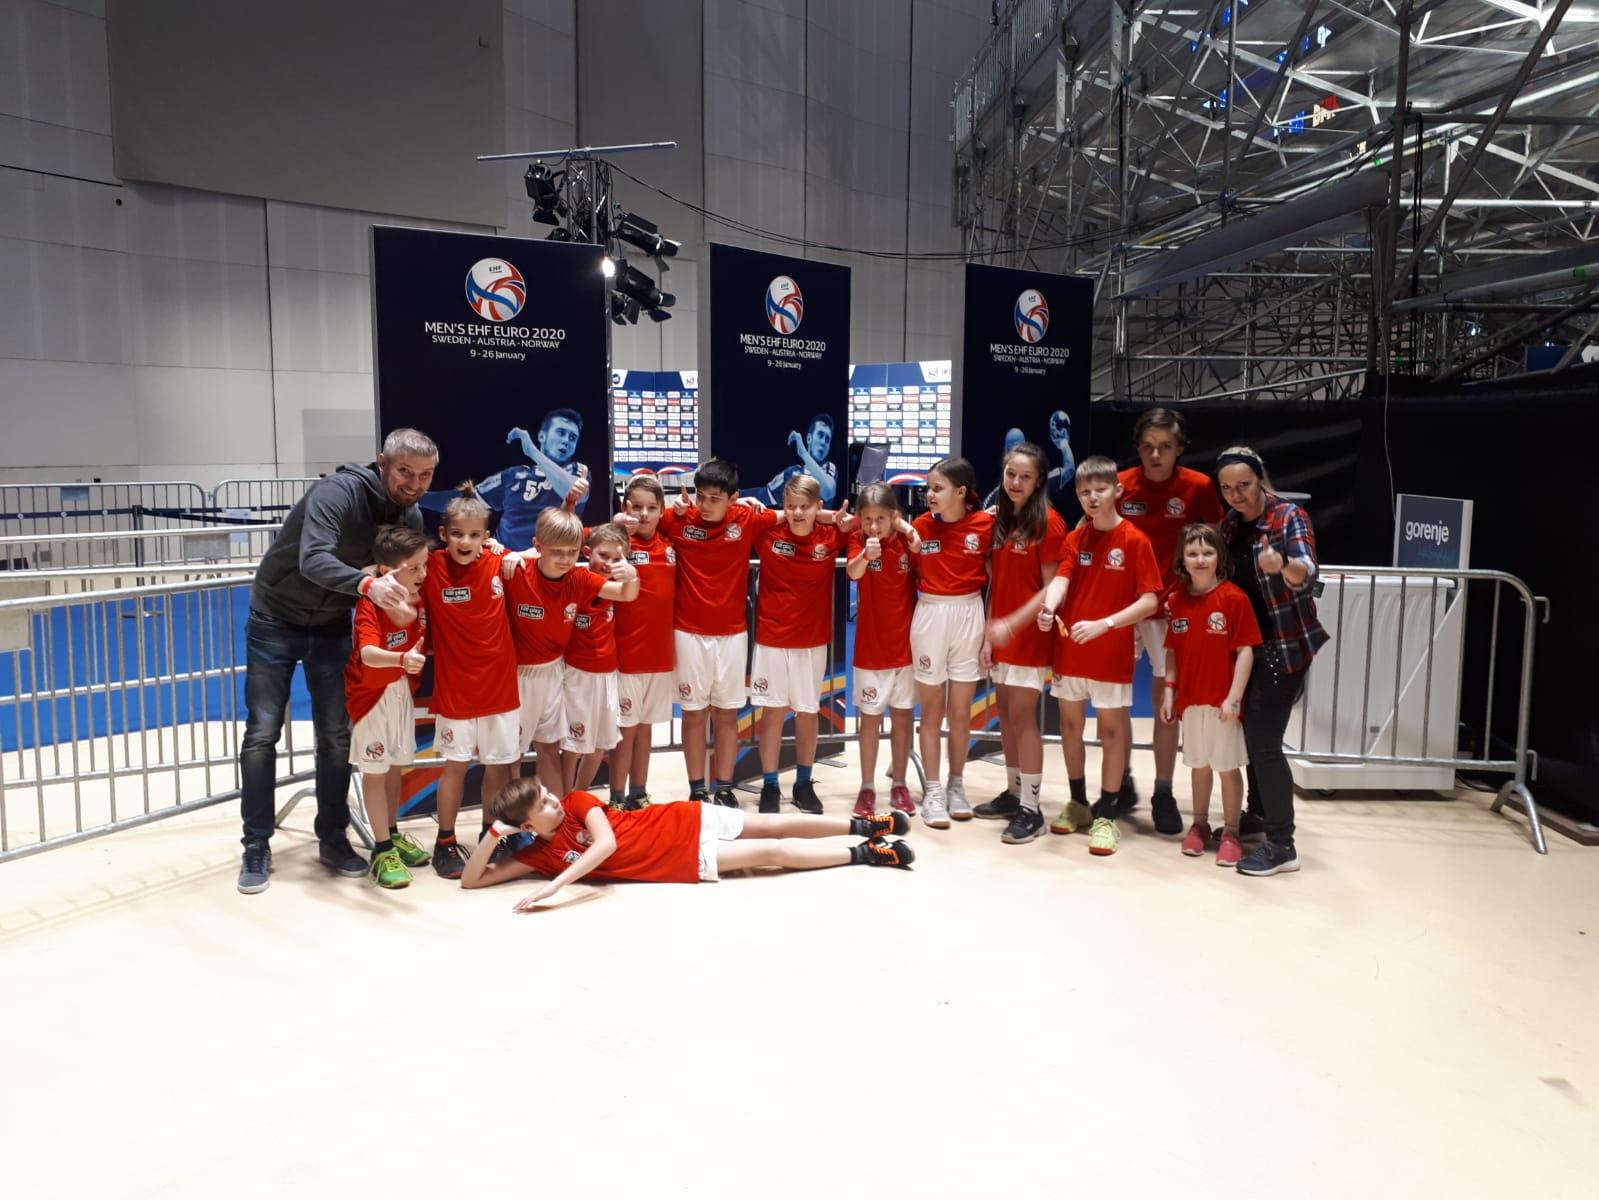 Handball EM 2020 in Graz